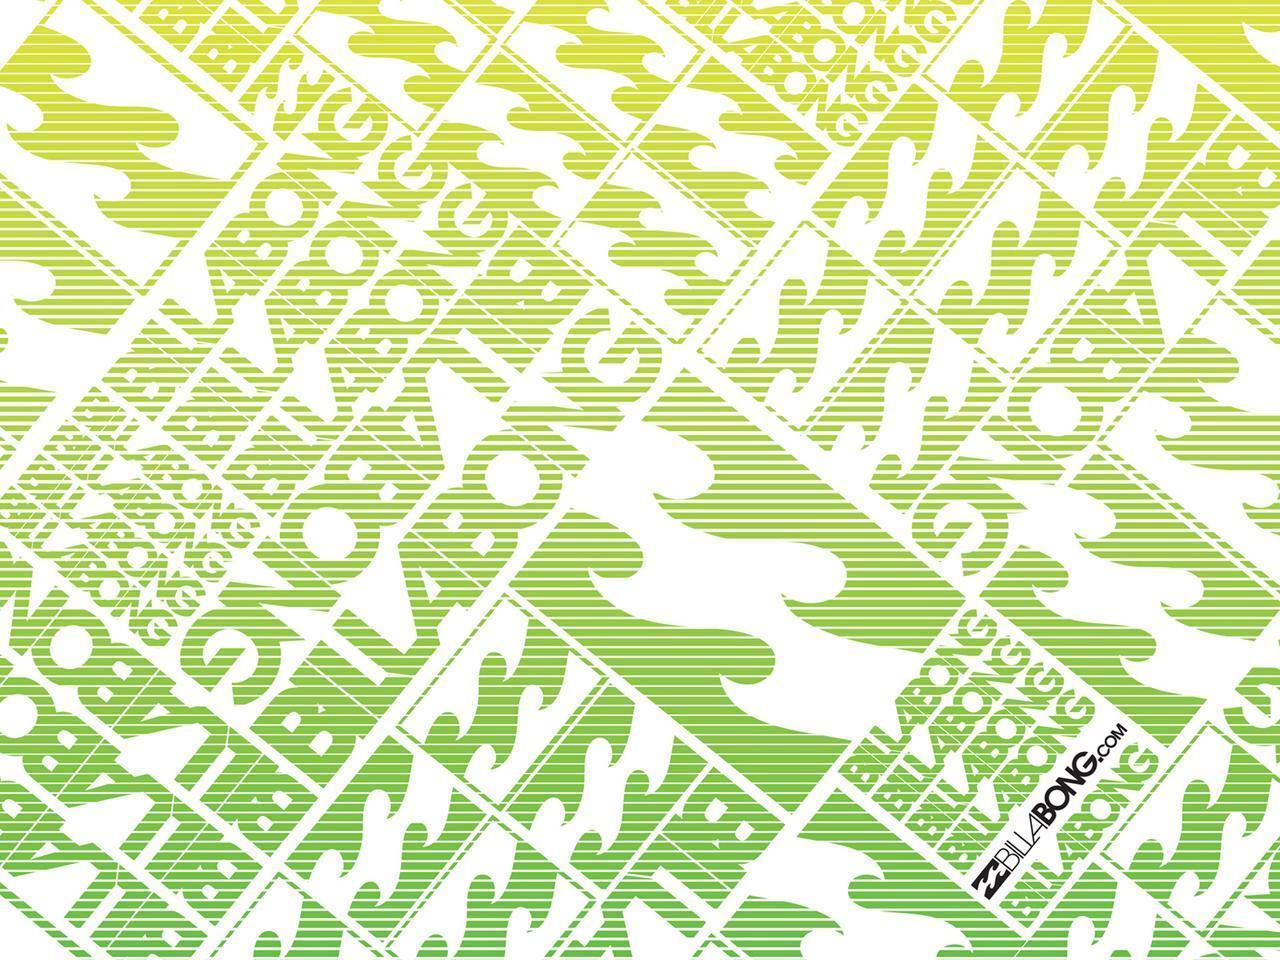 Billabong - Billabong Wallpaper (2281955) - Fanpop